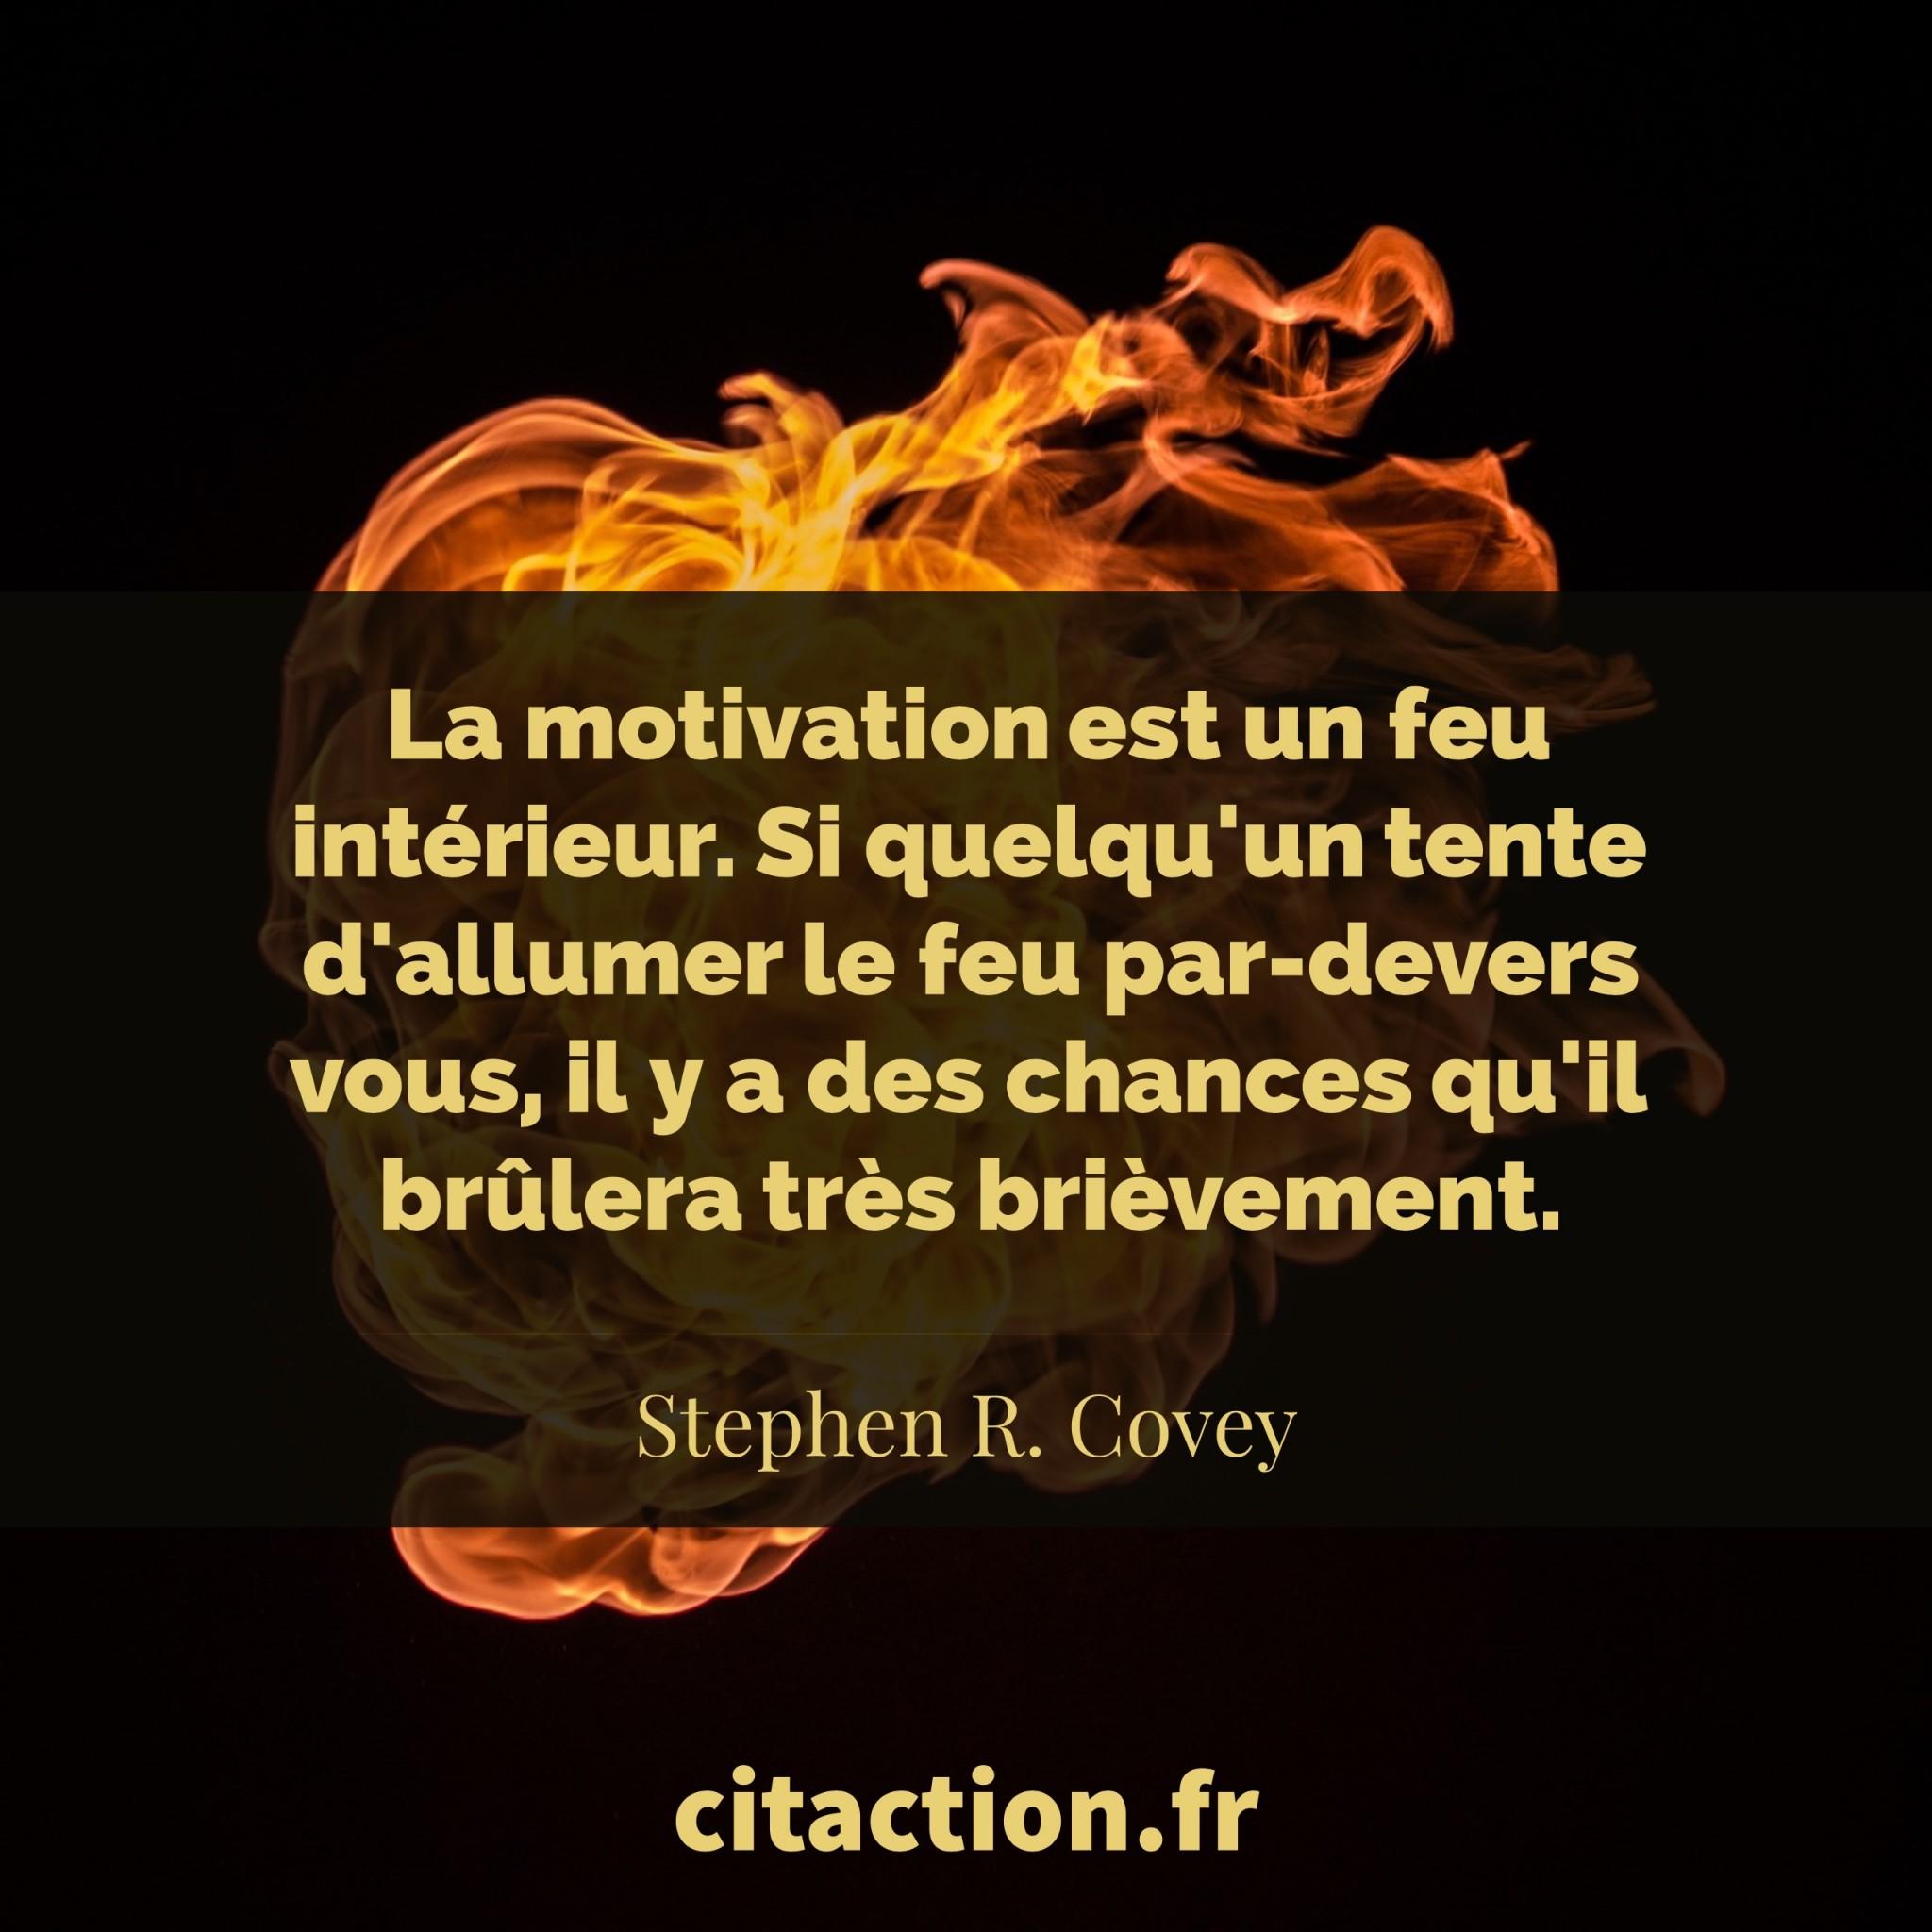 La motivation est un feu intérieur